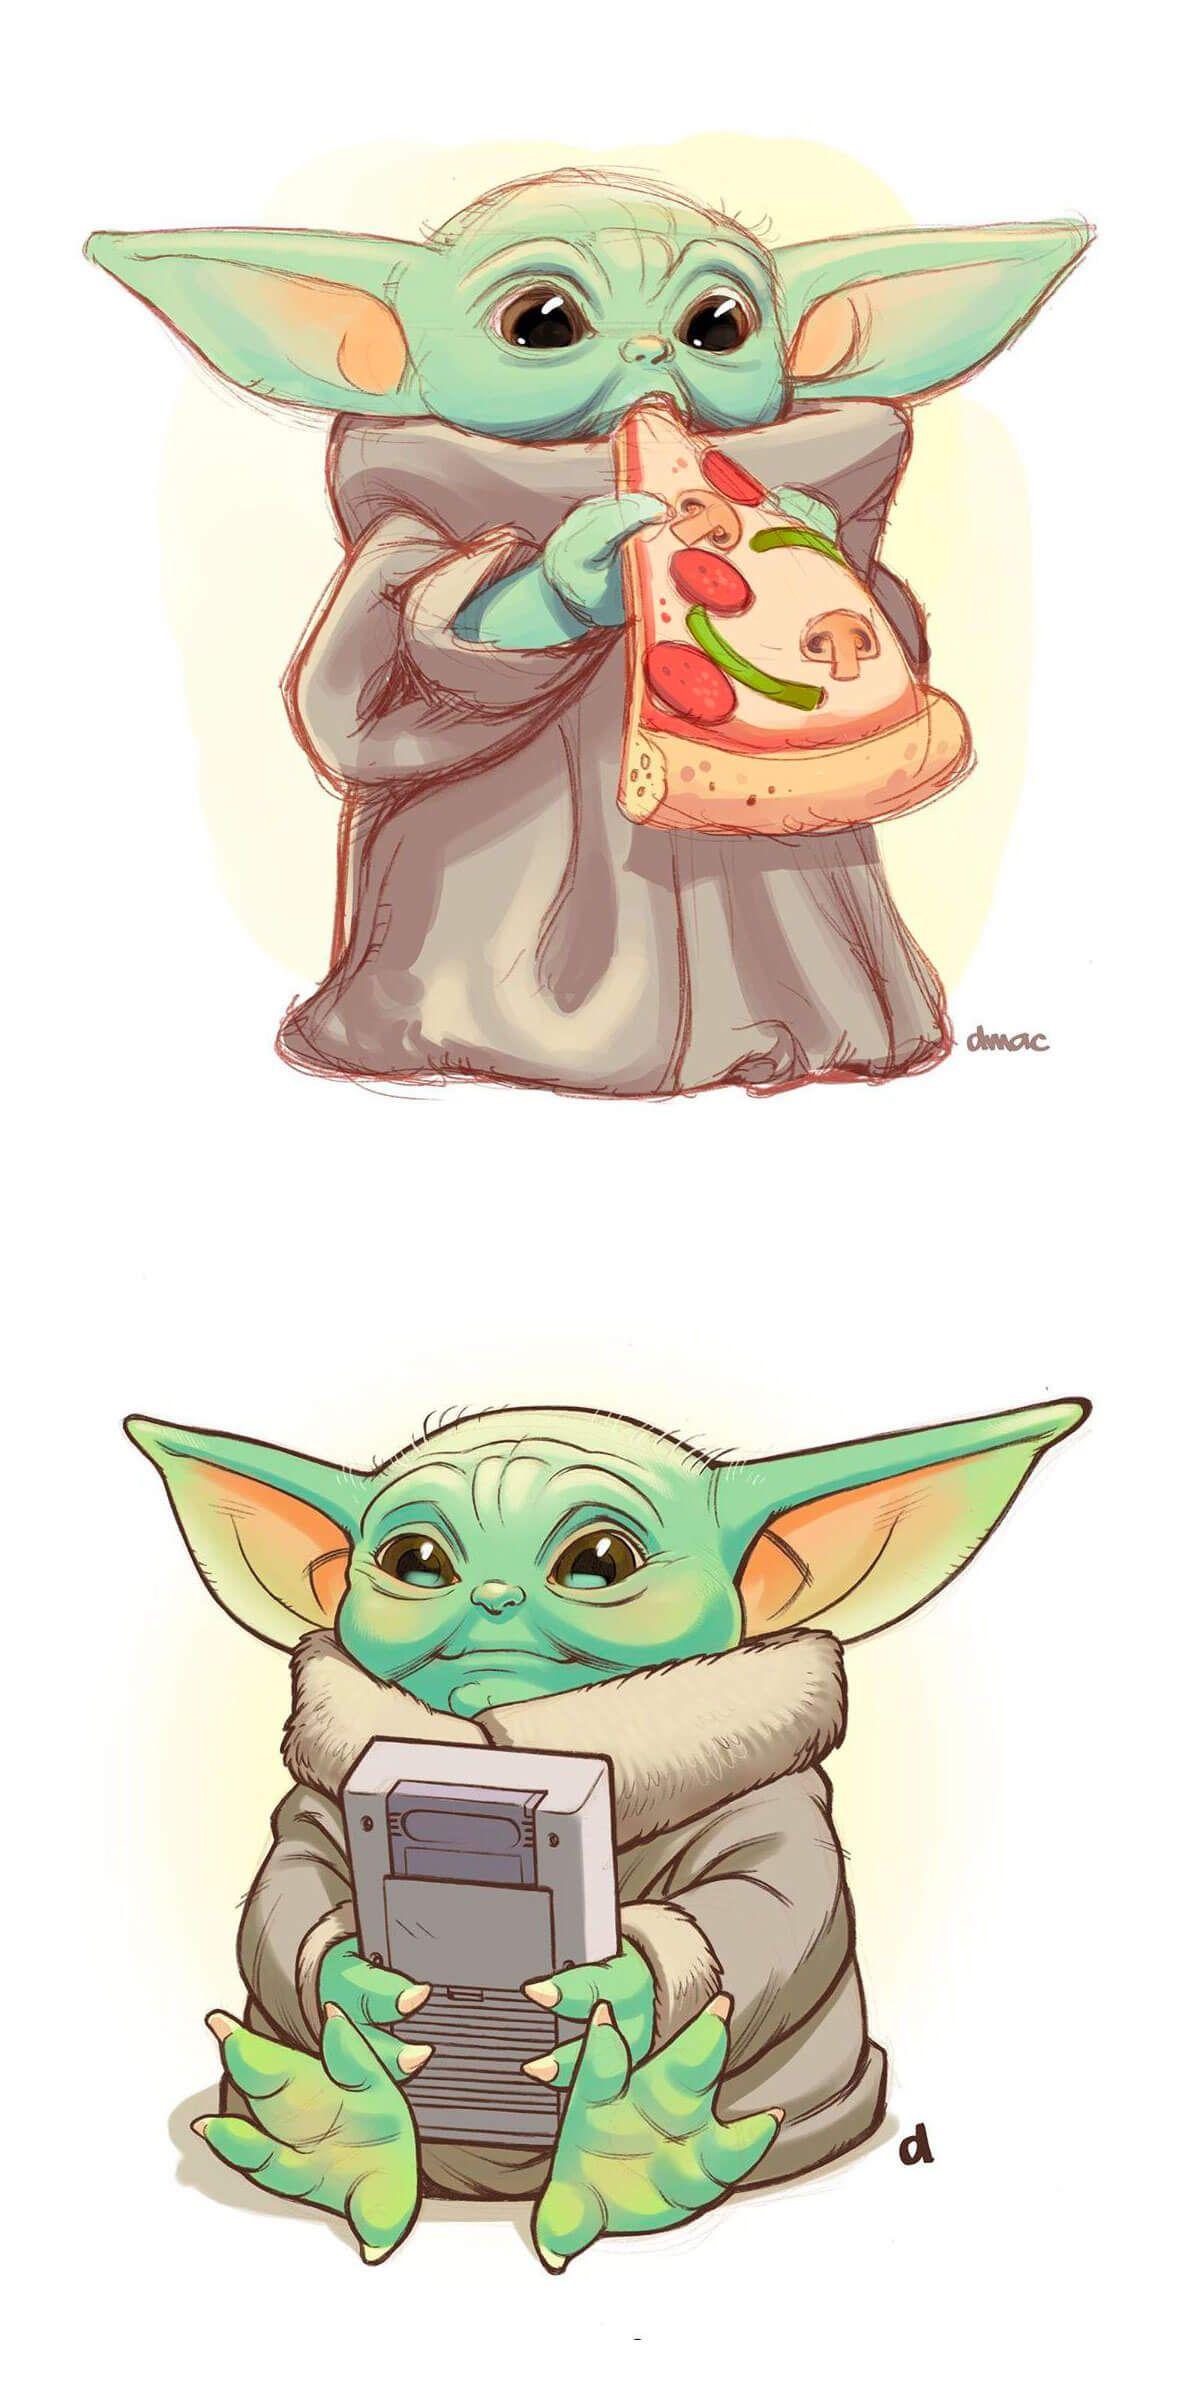 Star Wars Fan Art Collection